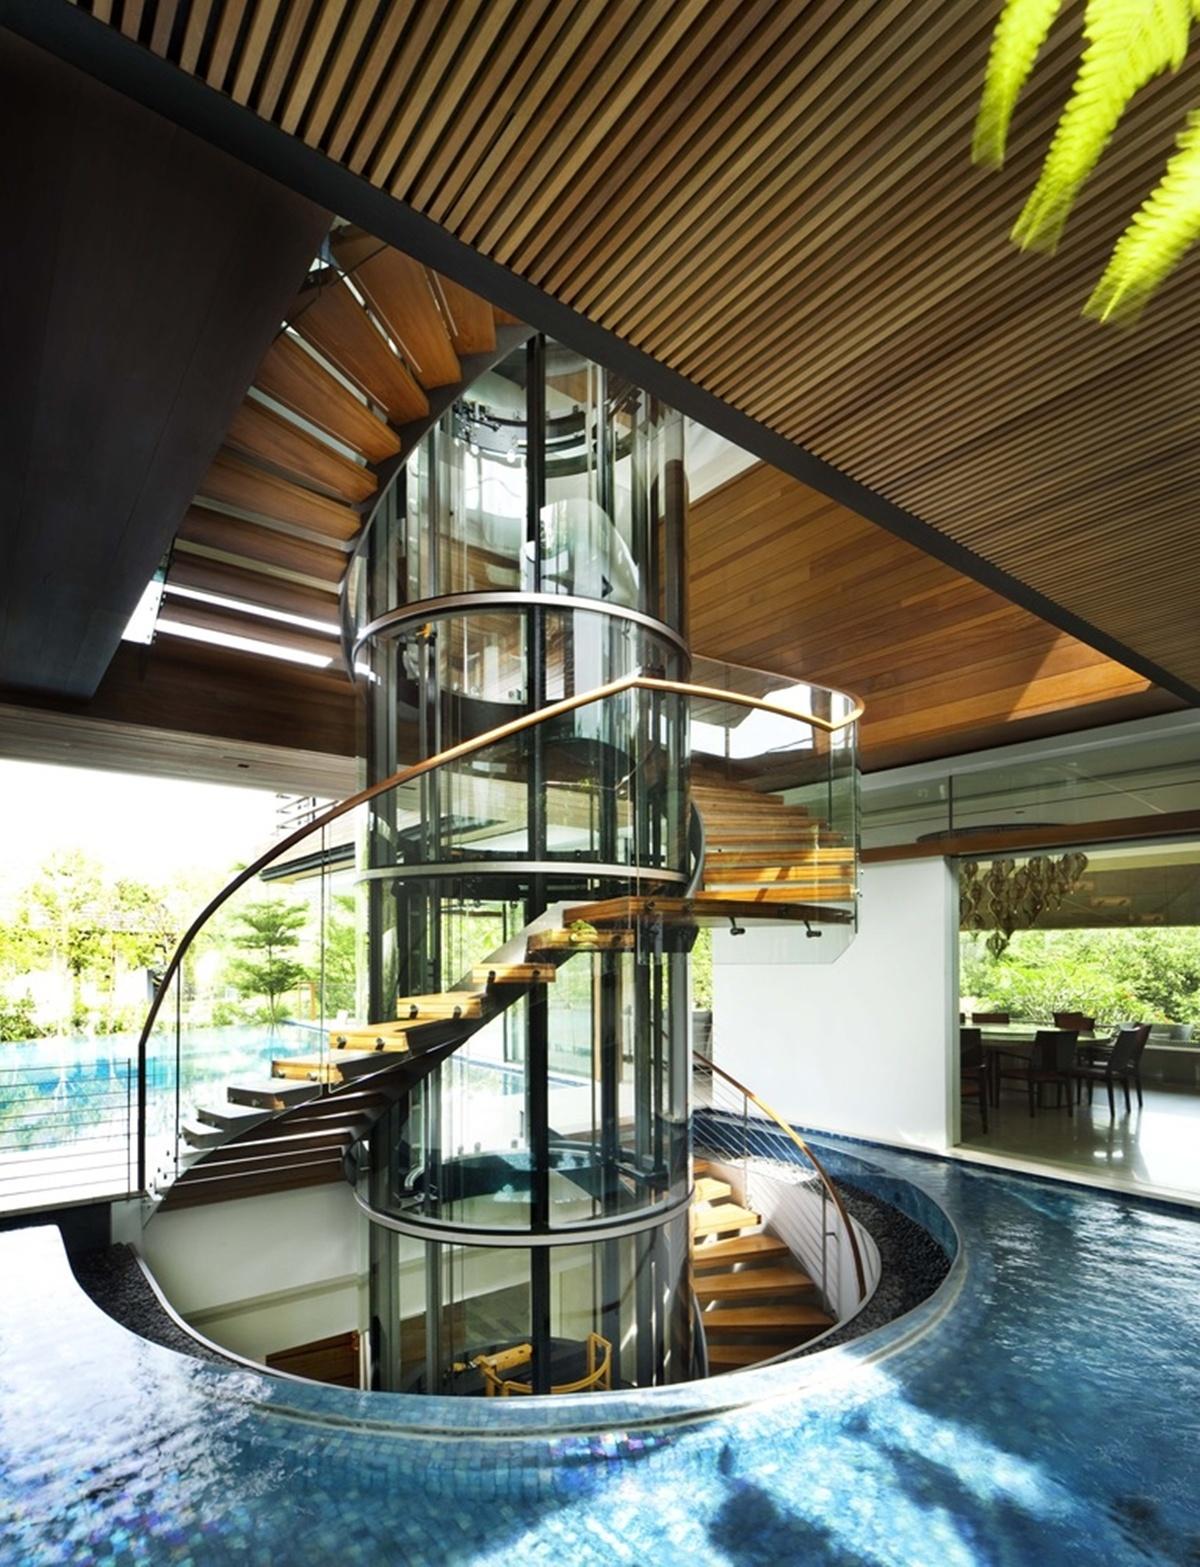 Cầu thang xoắn ấn tượng của không gian xanh